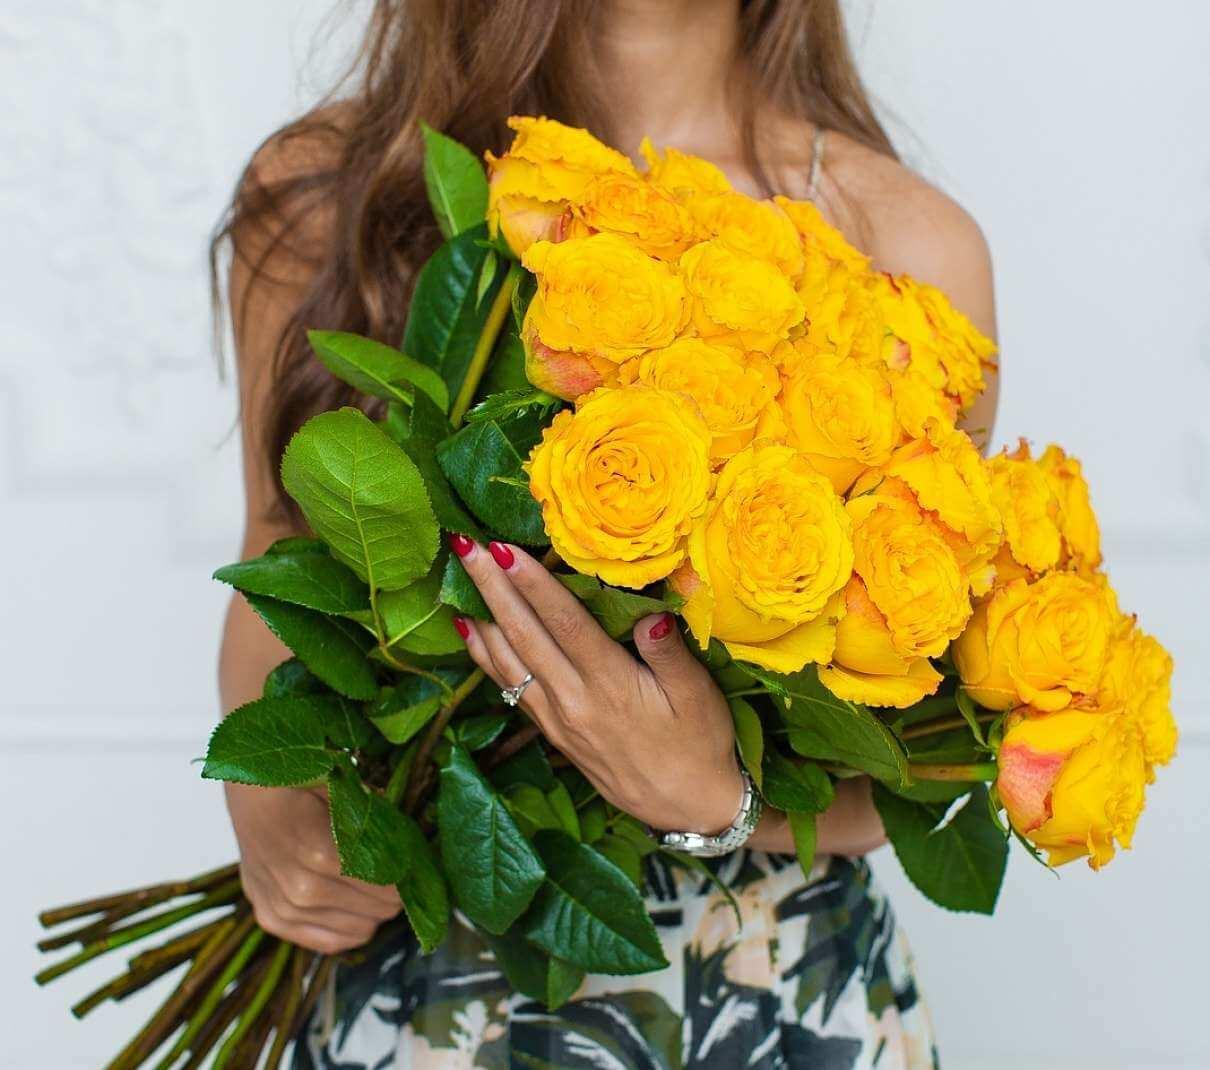 Желтые розы: к чему их дарят